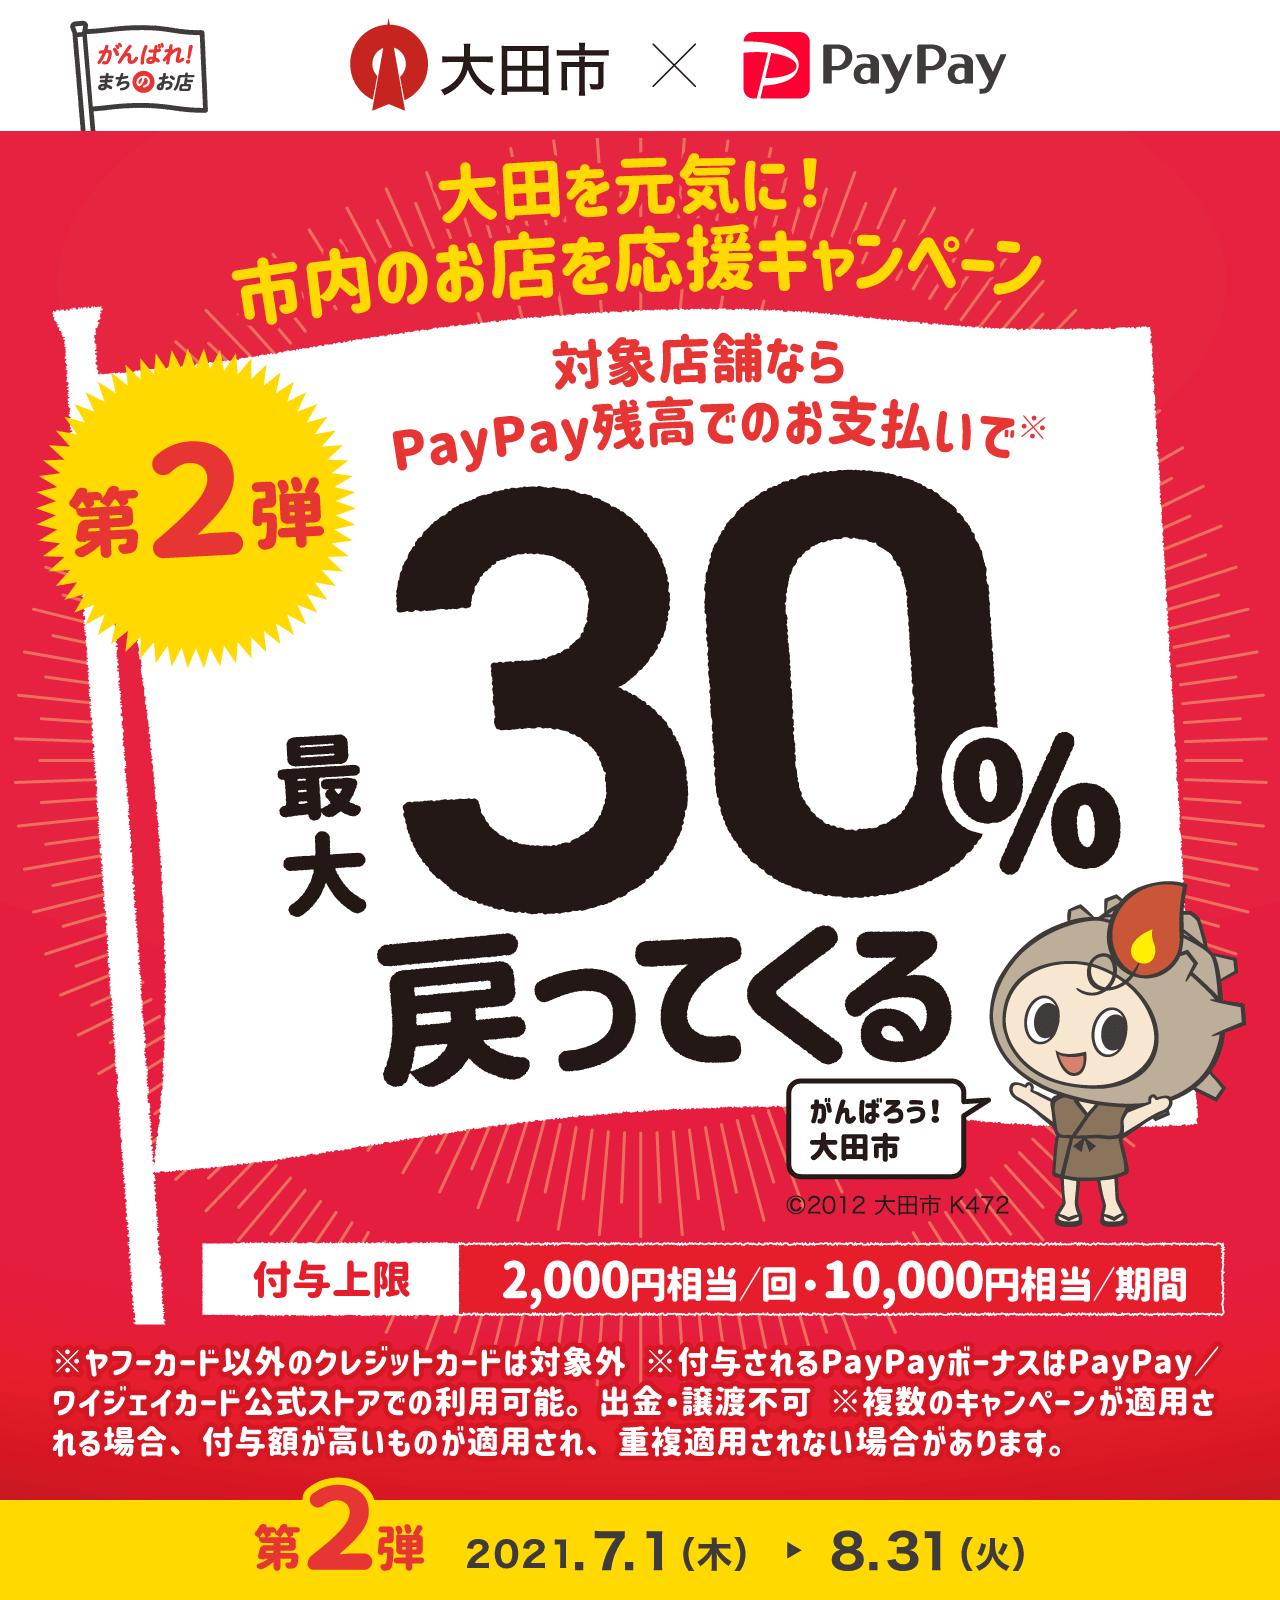 太田市を元気に!市内のお店を応援キャンペーン 第2弾対象店舗ならPayPay残高でのお支払いで最大30%戻ってくる